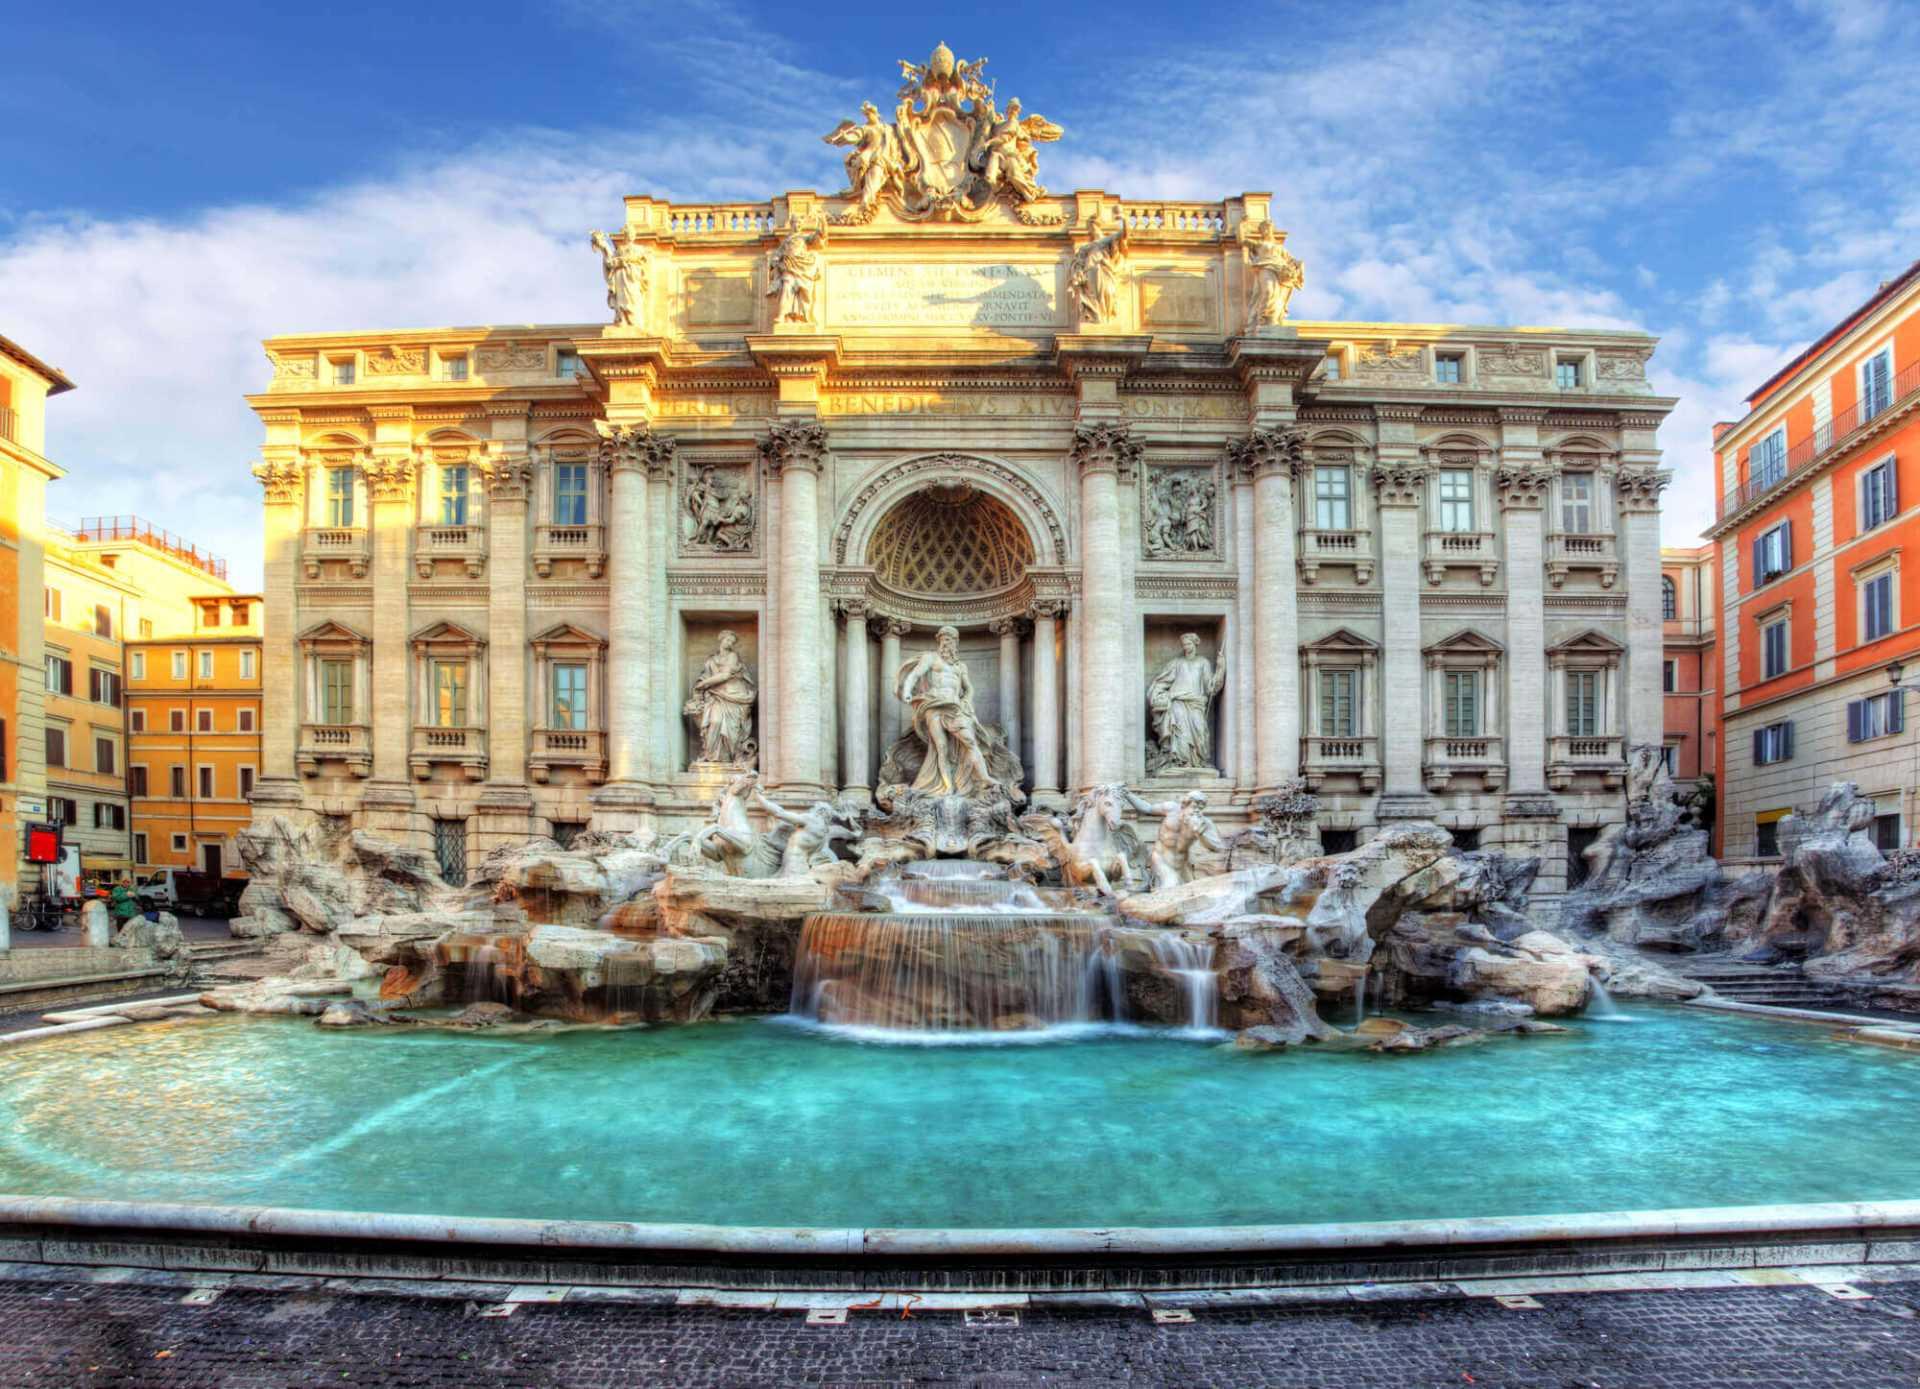 אטרקציות ברומא 2021 - מחירים, כרטיסים, המלצות וכל הפרטים!